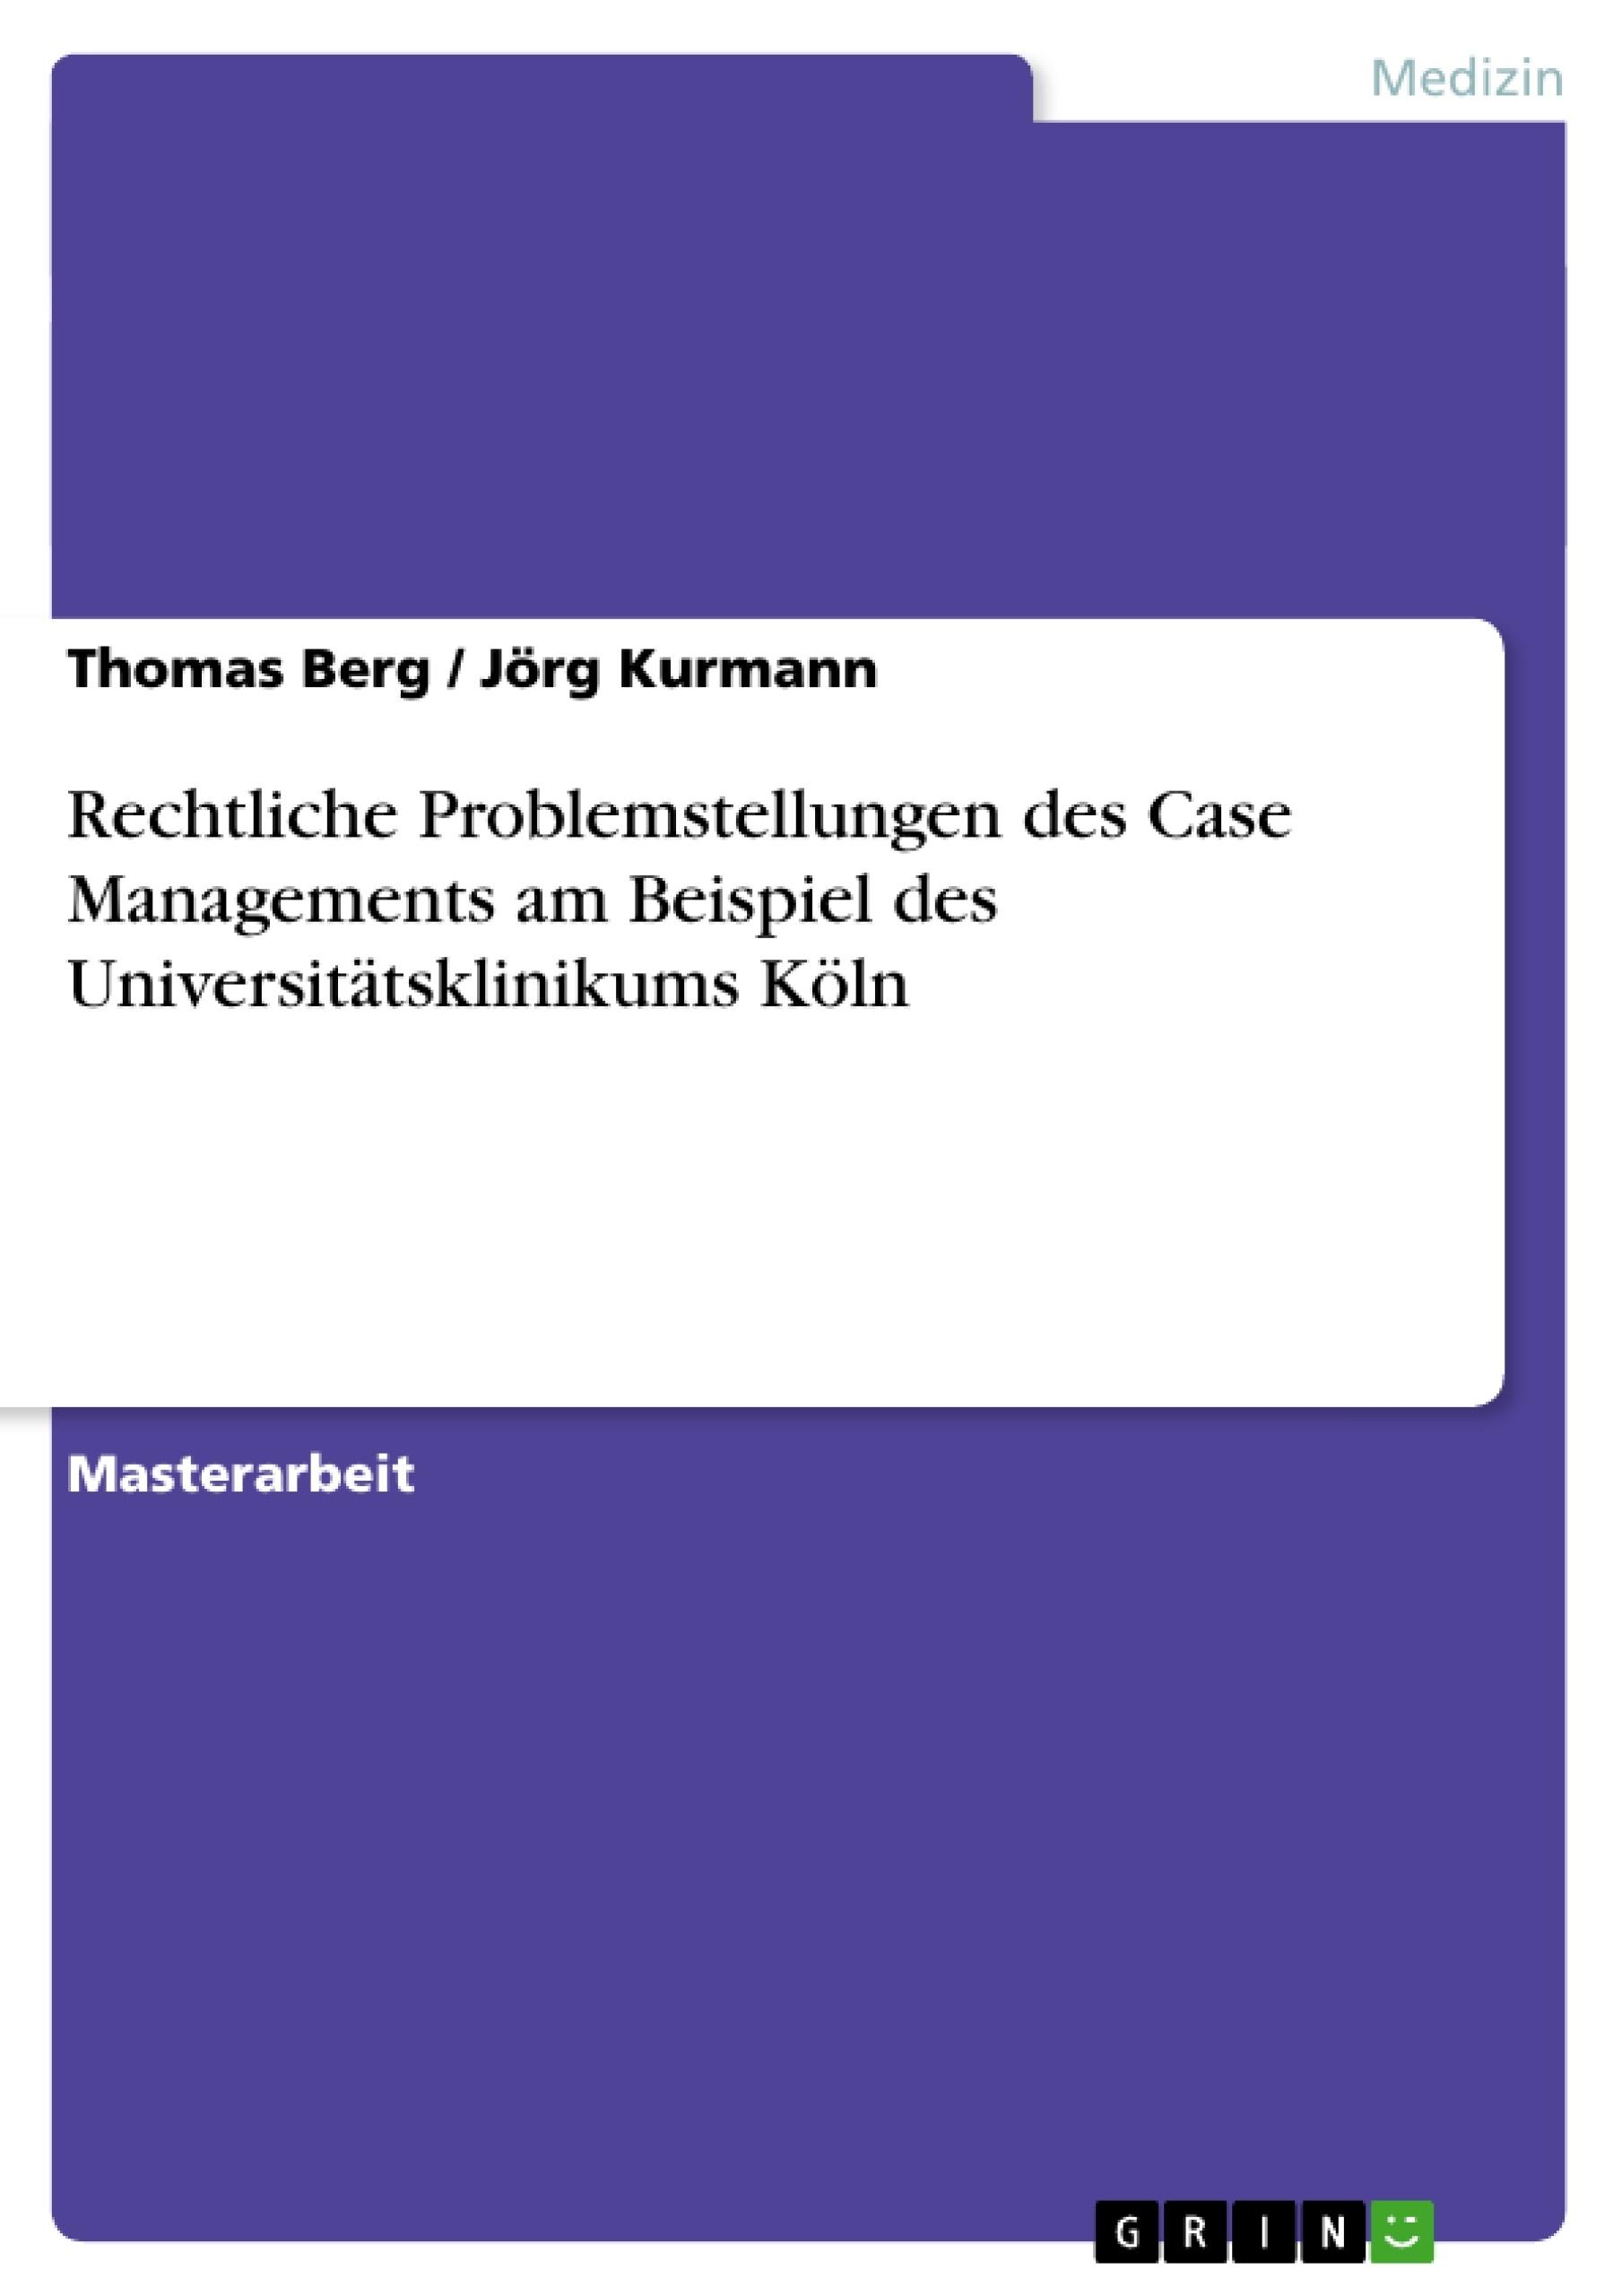 Titel: Rechtliche Problemstellungen des Case Managements am Beispiel des Universitätsklinikums Köln